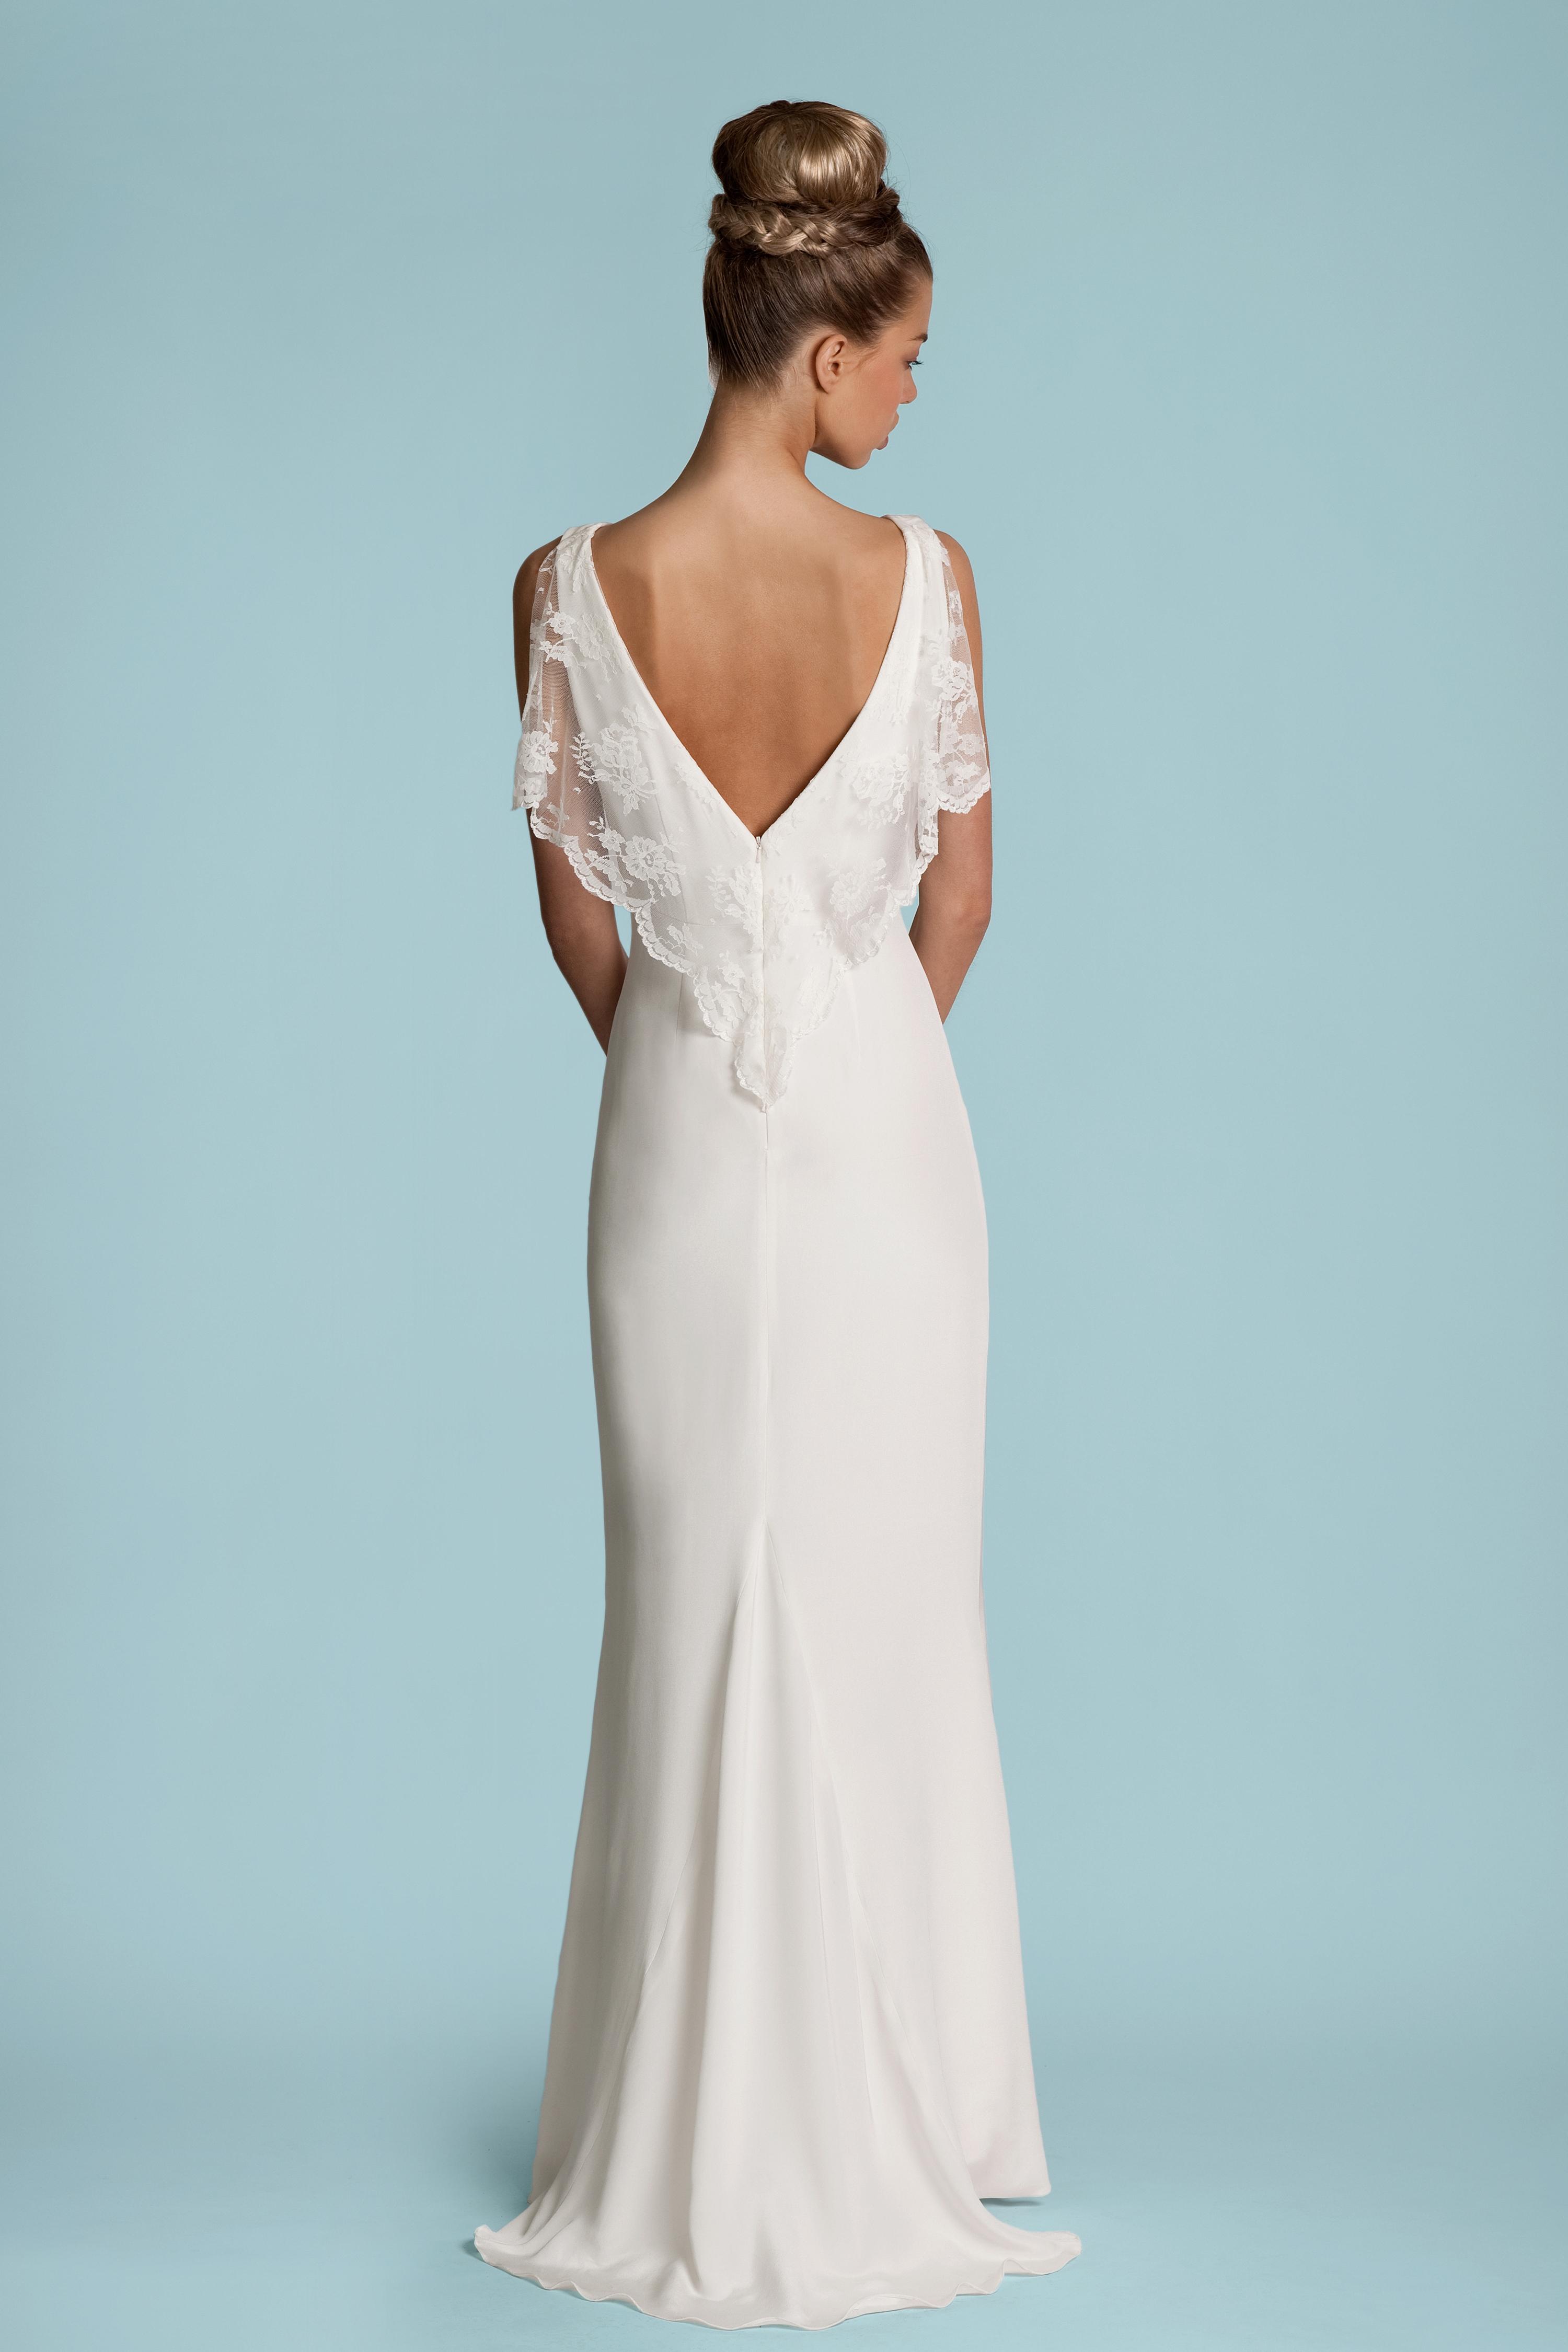 Wedding Dresses For Black Women